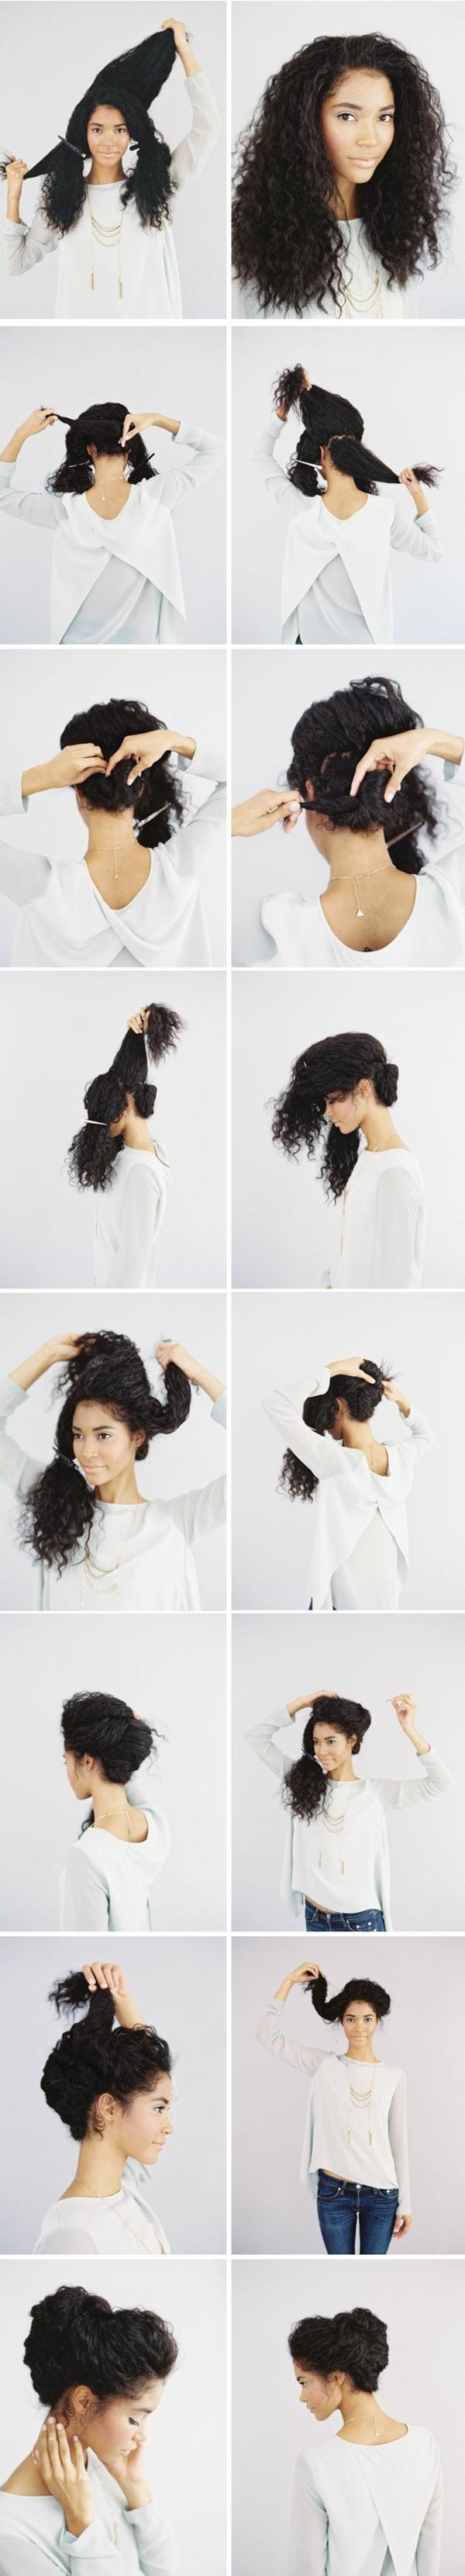 Coiffure-simple-et-rapide-cheveux -diy